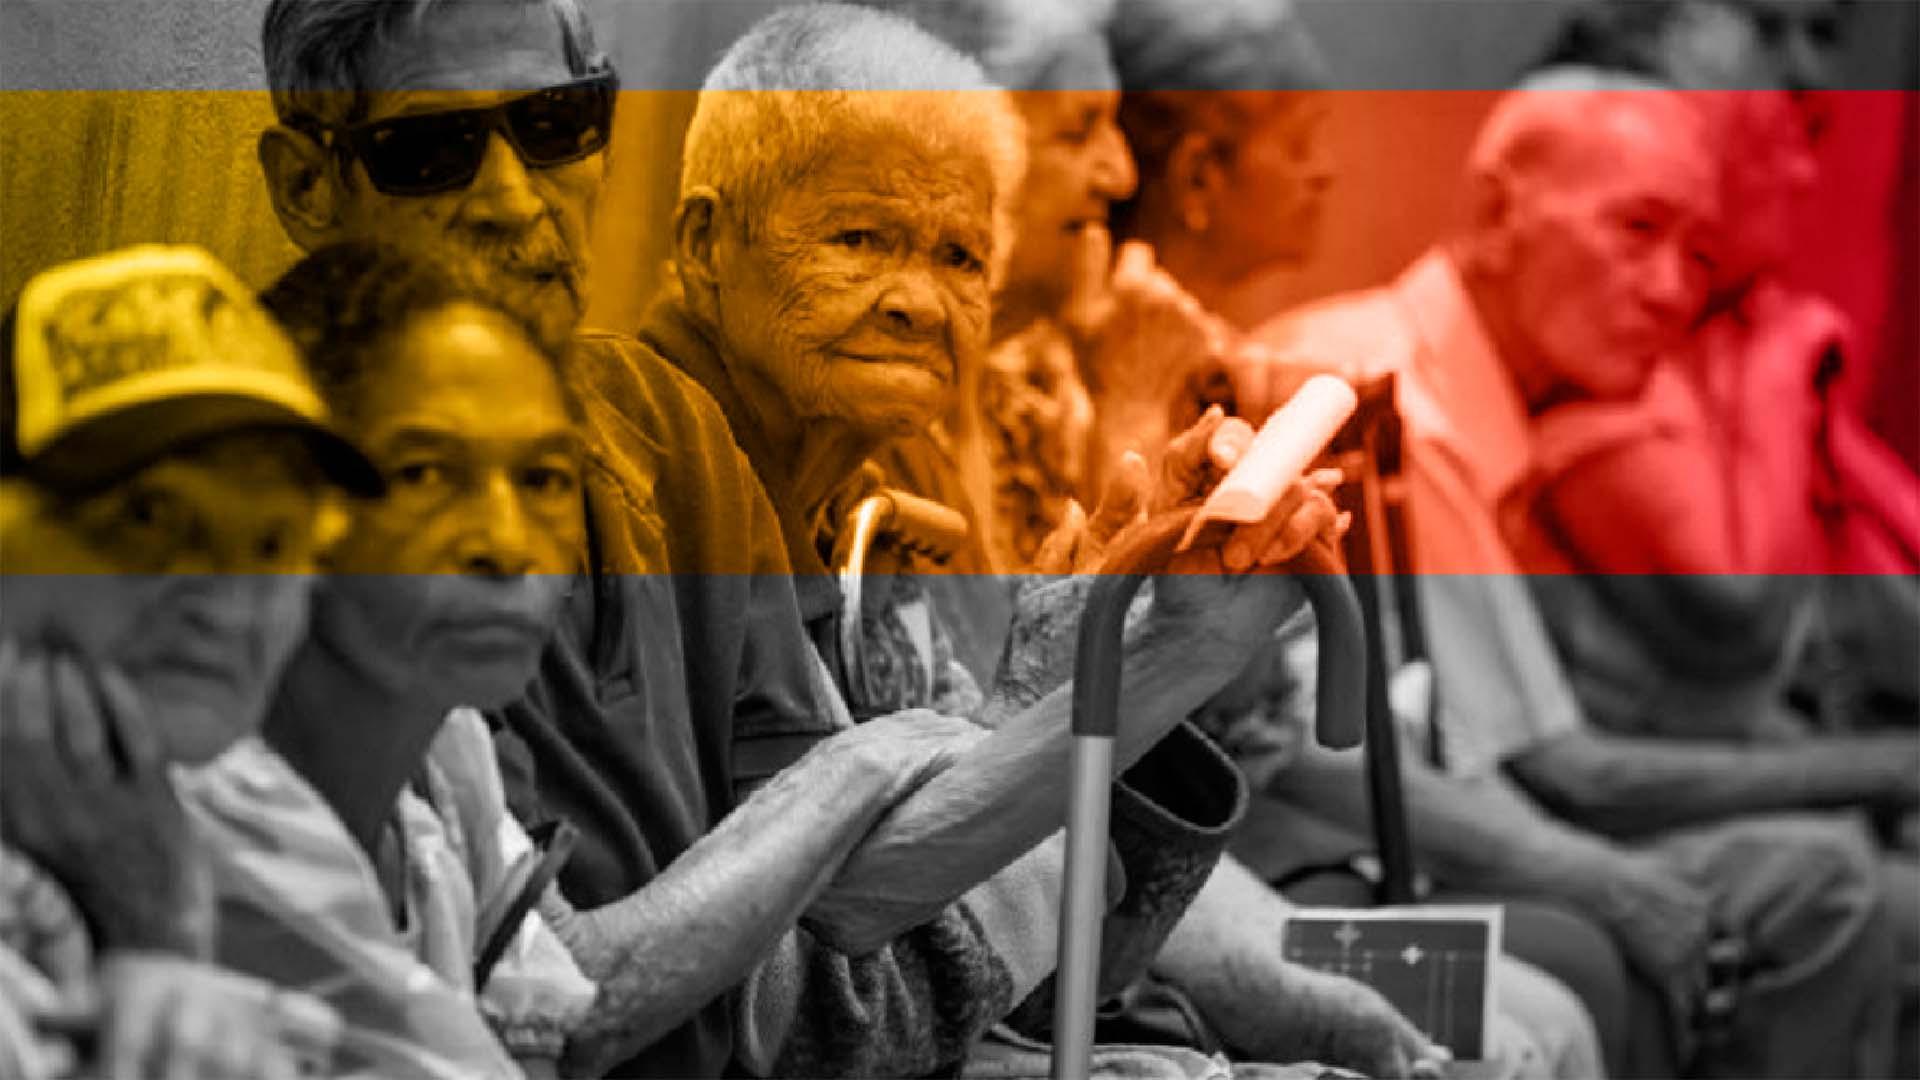 Runrunes de Bocaranda: MEDIO – PENSIONADOS CON $ 1,6